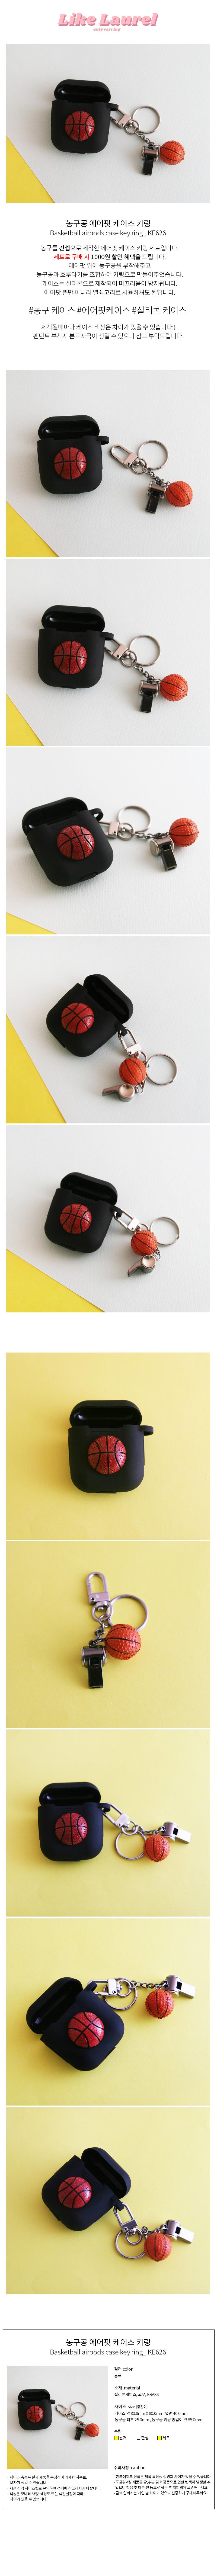 농구공 에어팟 케이스 키링(세트 할인)11,840원-라이크로렐디지털, 애플, 케이스, 에어팟바보사랑농구공 에어팟 케이스 키링(세트 할인)11,840원-라이크로렐디지털, 애플, 케이스, 에어팟바보사랑